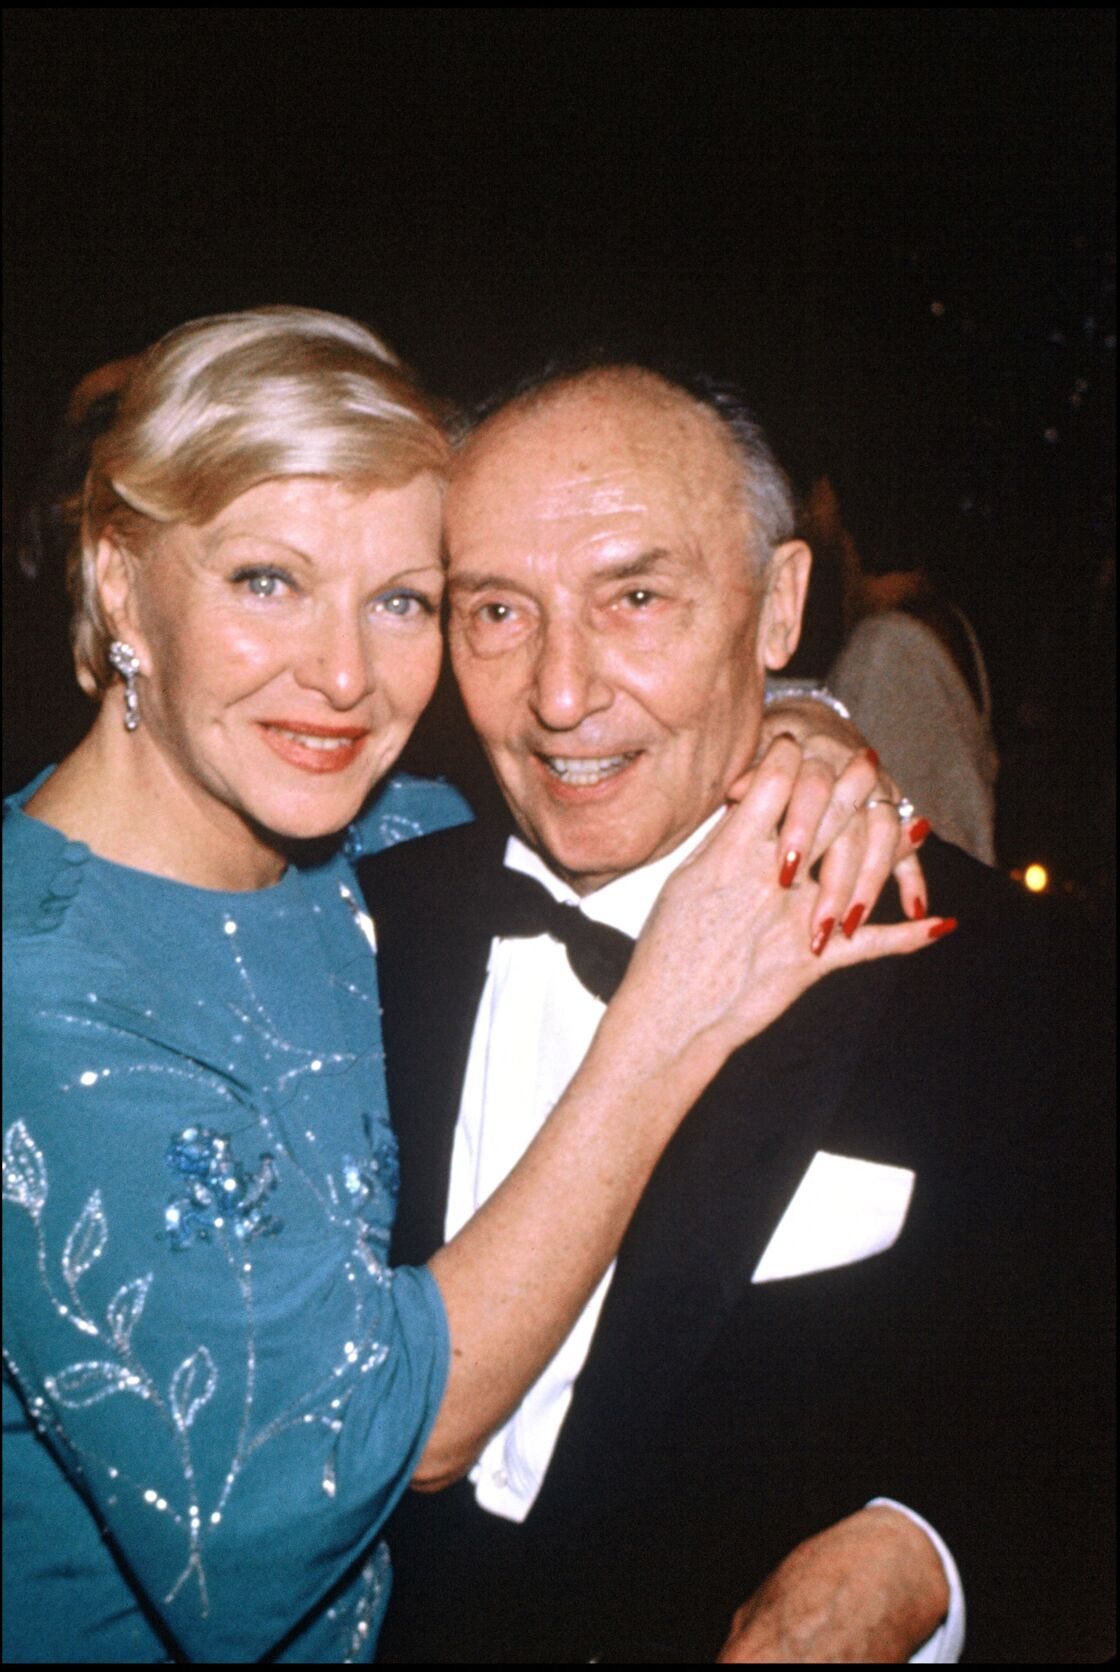 Line Renaud et son mari Loulou Gasté en 1983